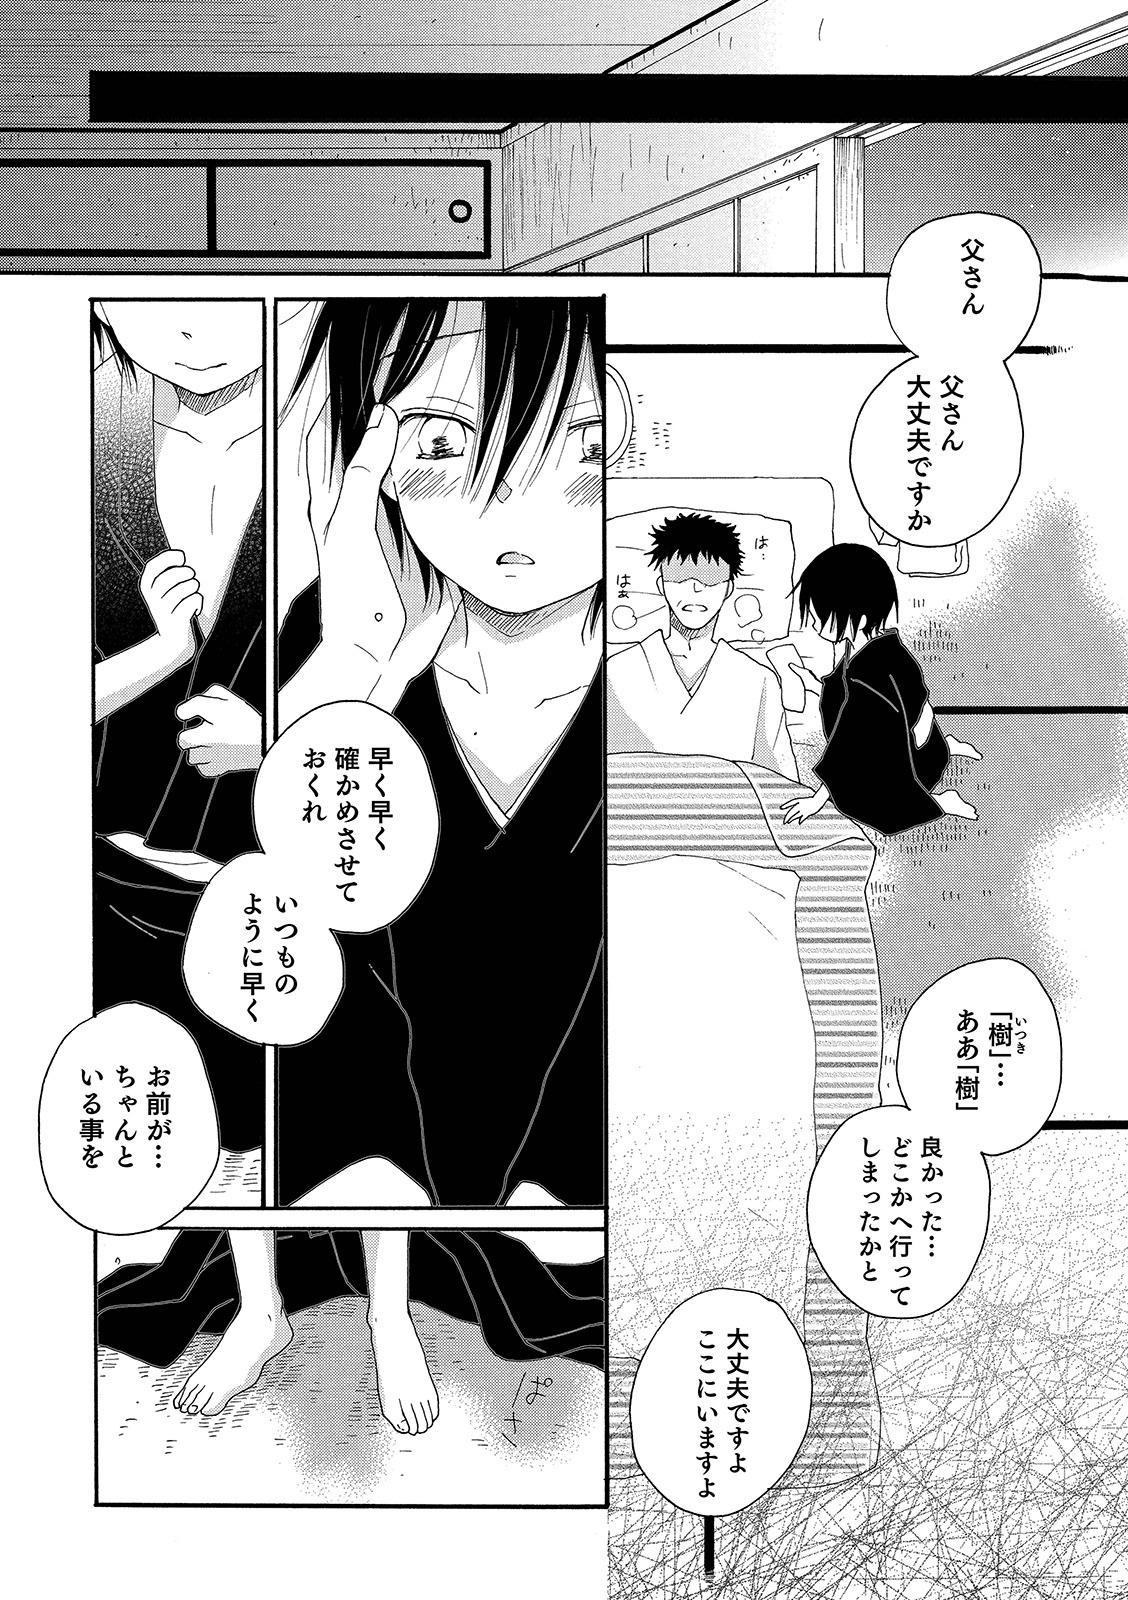 Otokonoko Heaven's Door 9 75